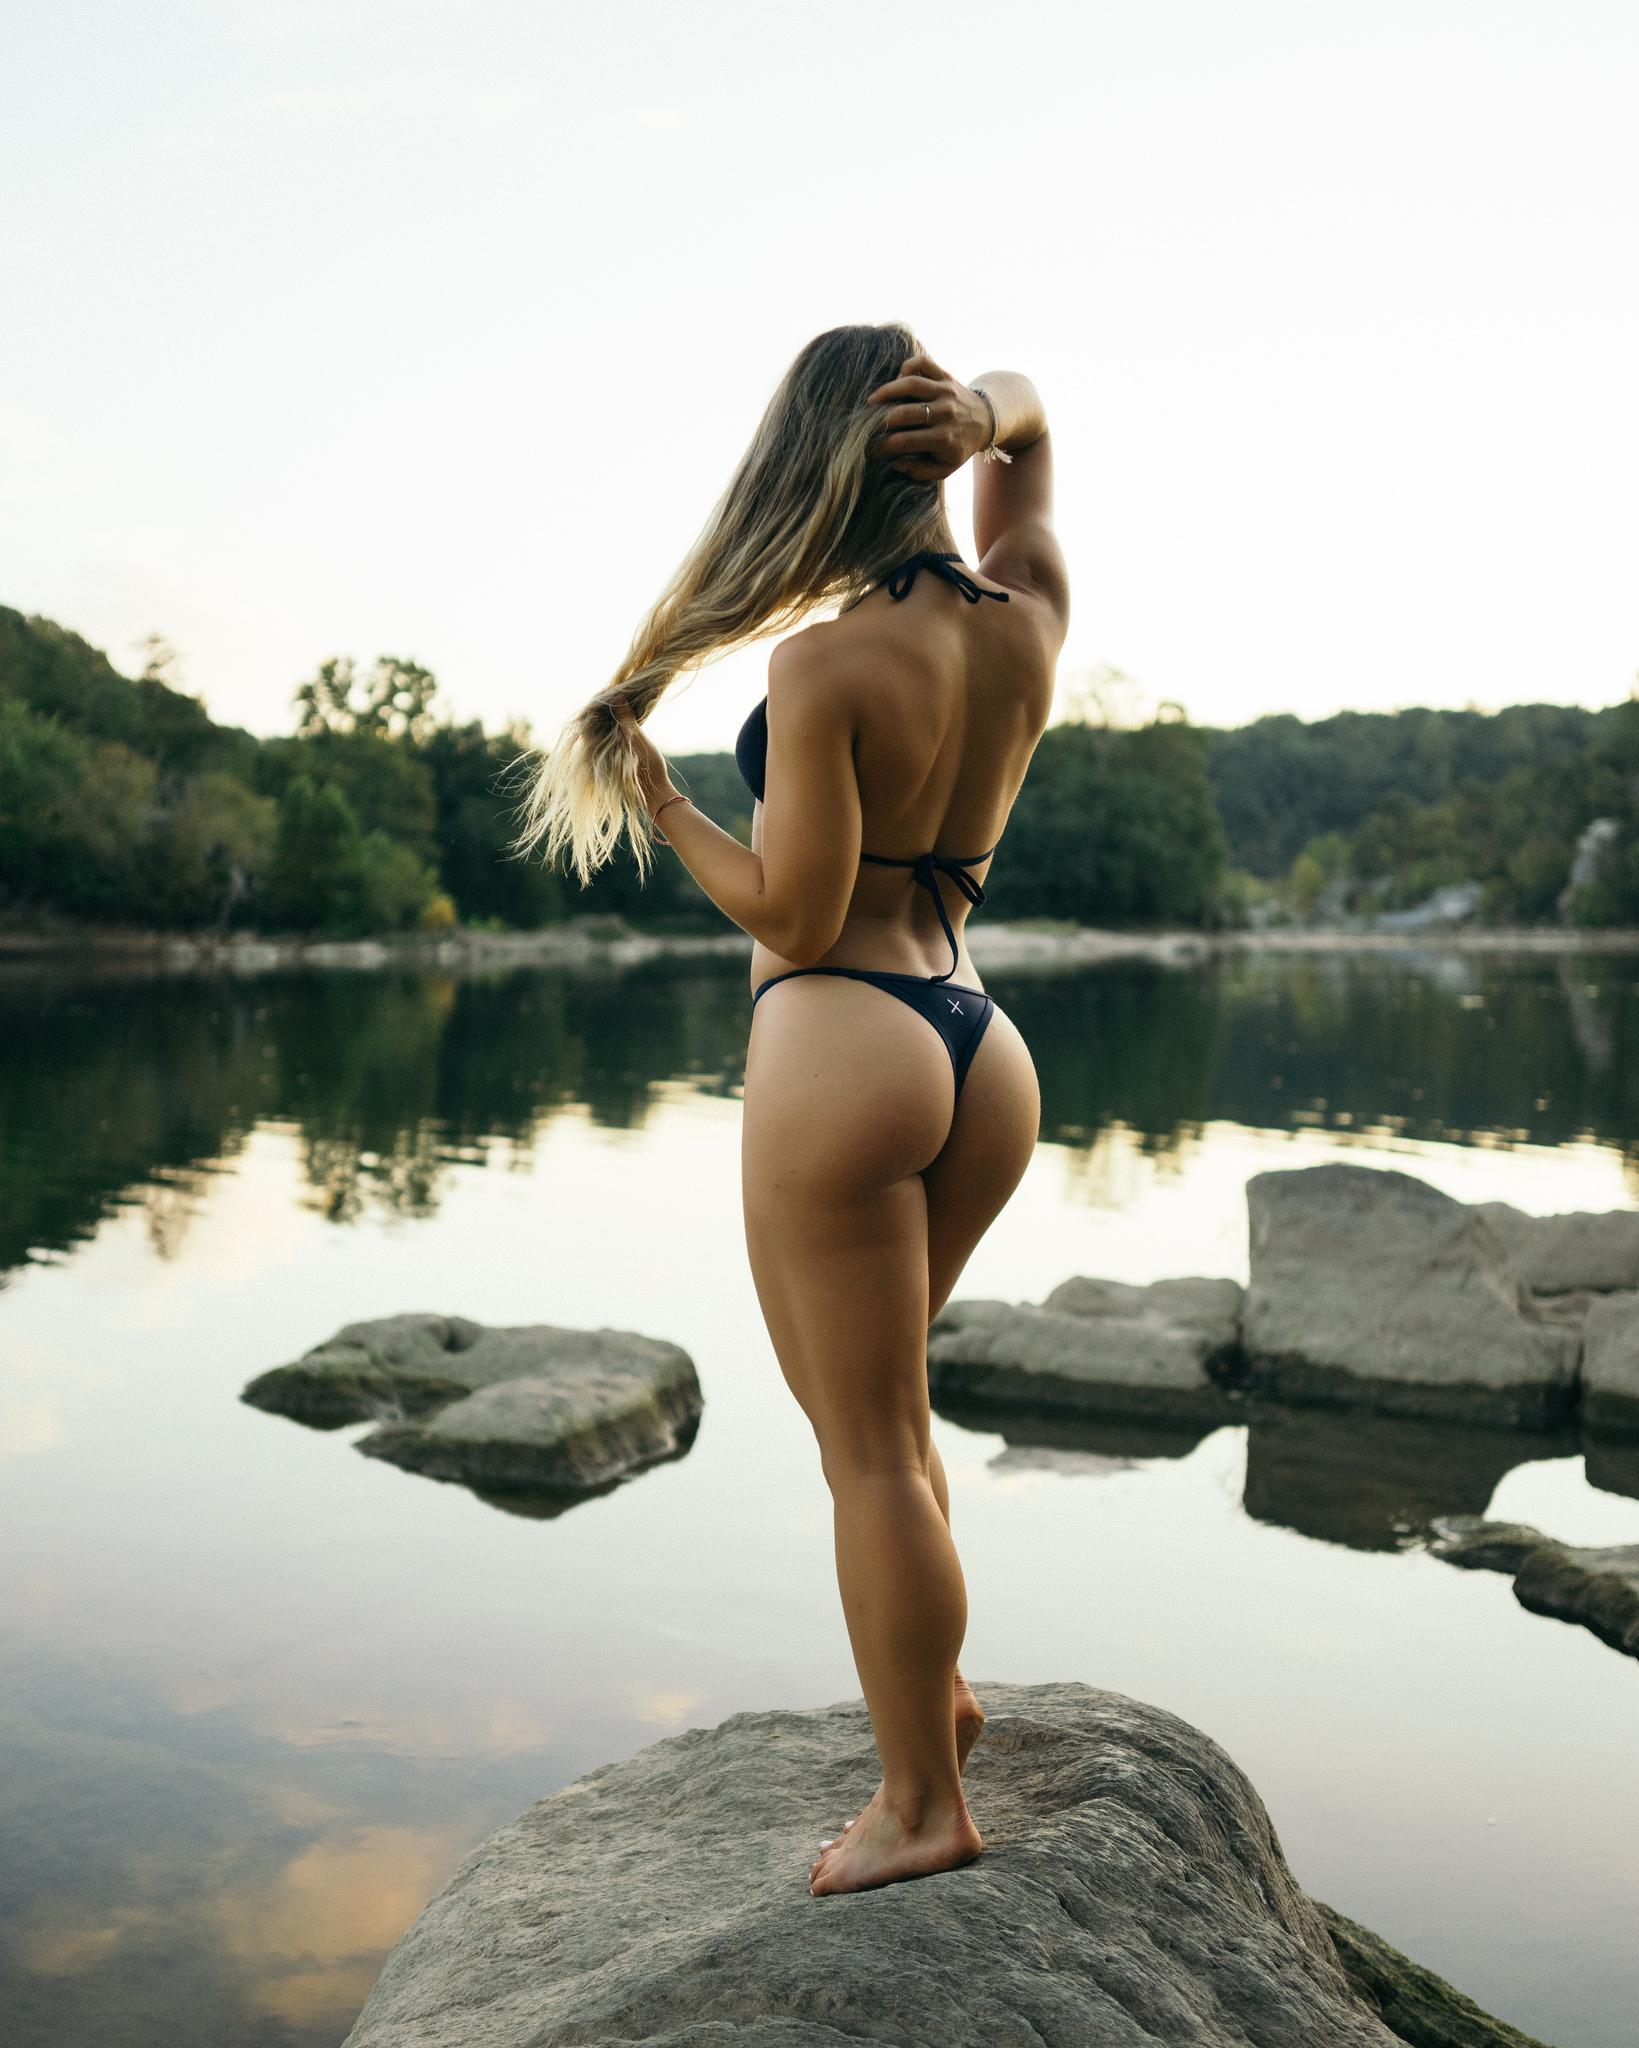 Fondos De Pantalla Mujer Rubia Agua Espalda Culo Bronceado